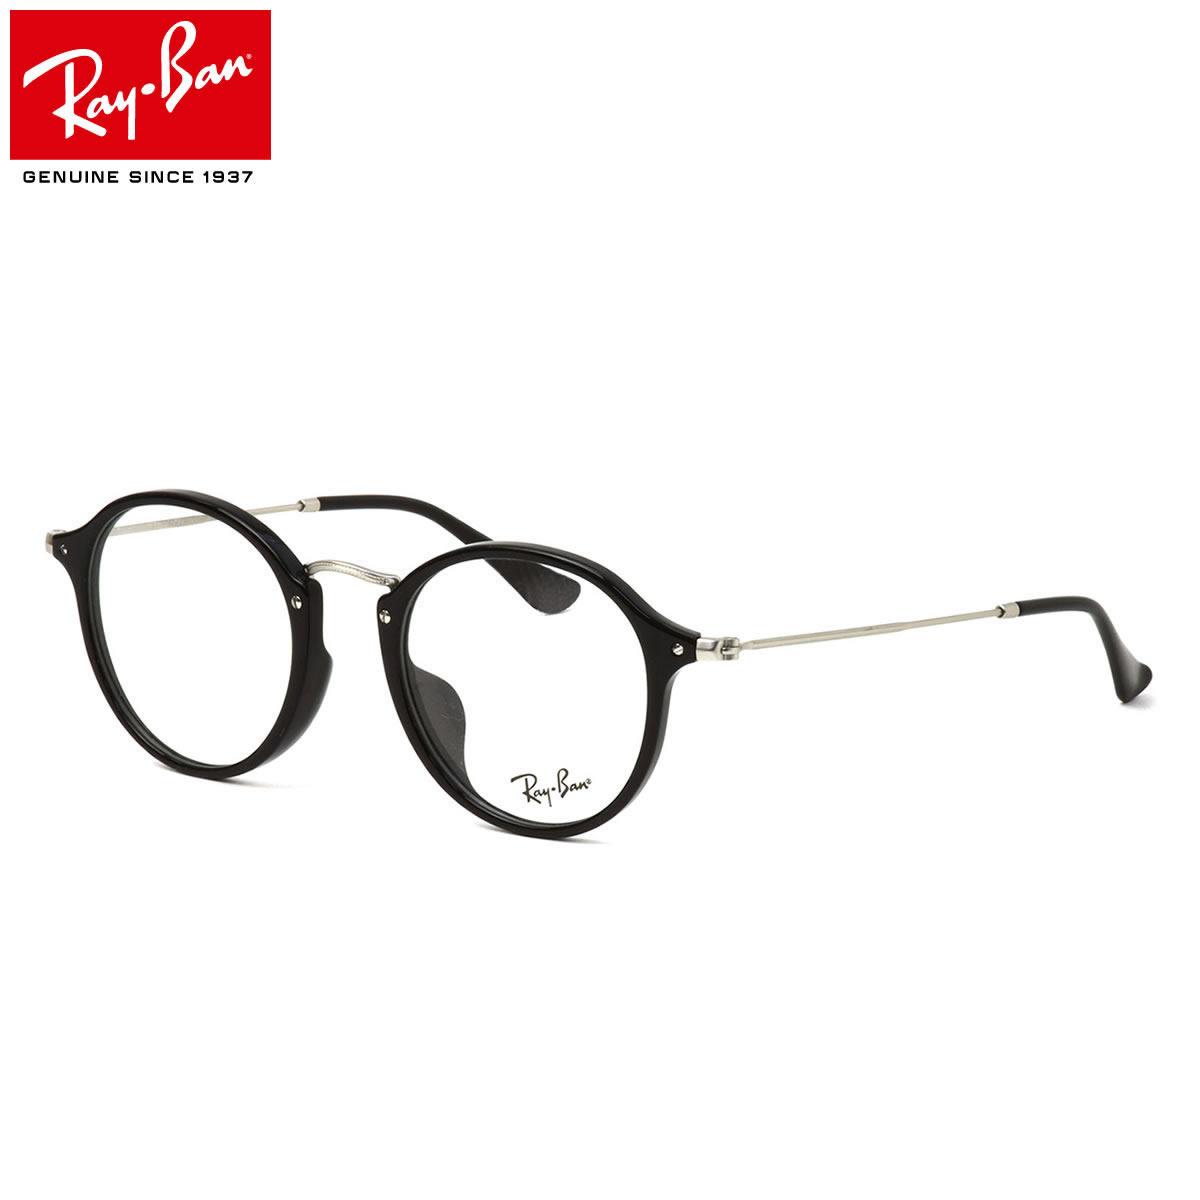 ほぼ全品ポイント15倍~最大34倍! レイバン メガネ フレーム Ray-Ban RX2447VF 2000 49サイズ フルフィット ラウンド 丸メガネ フレーム ROUND レイバン RAYBAN メンズ レディース